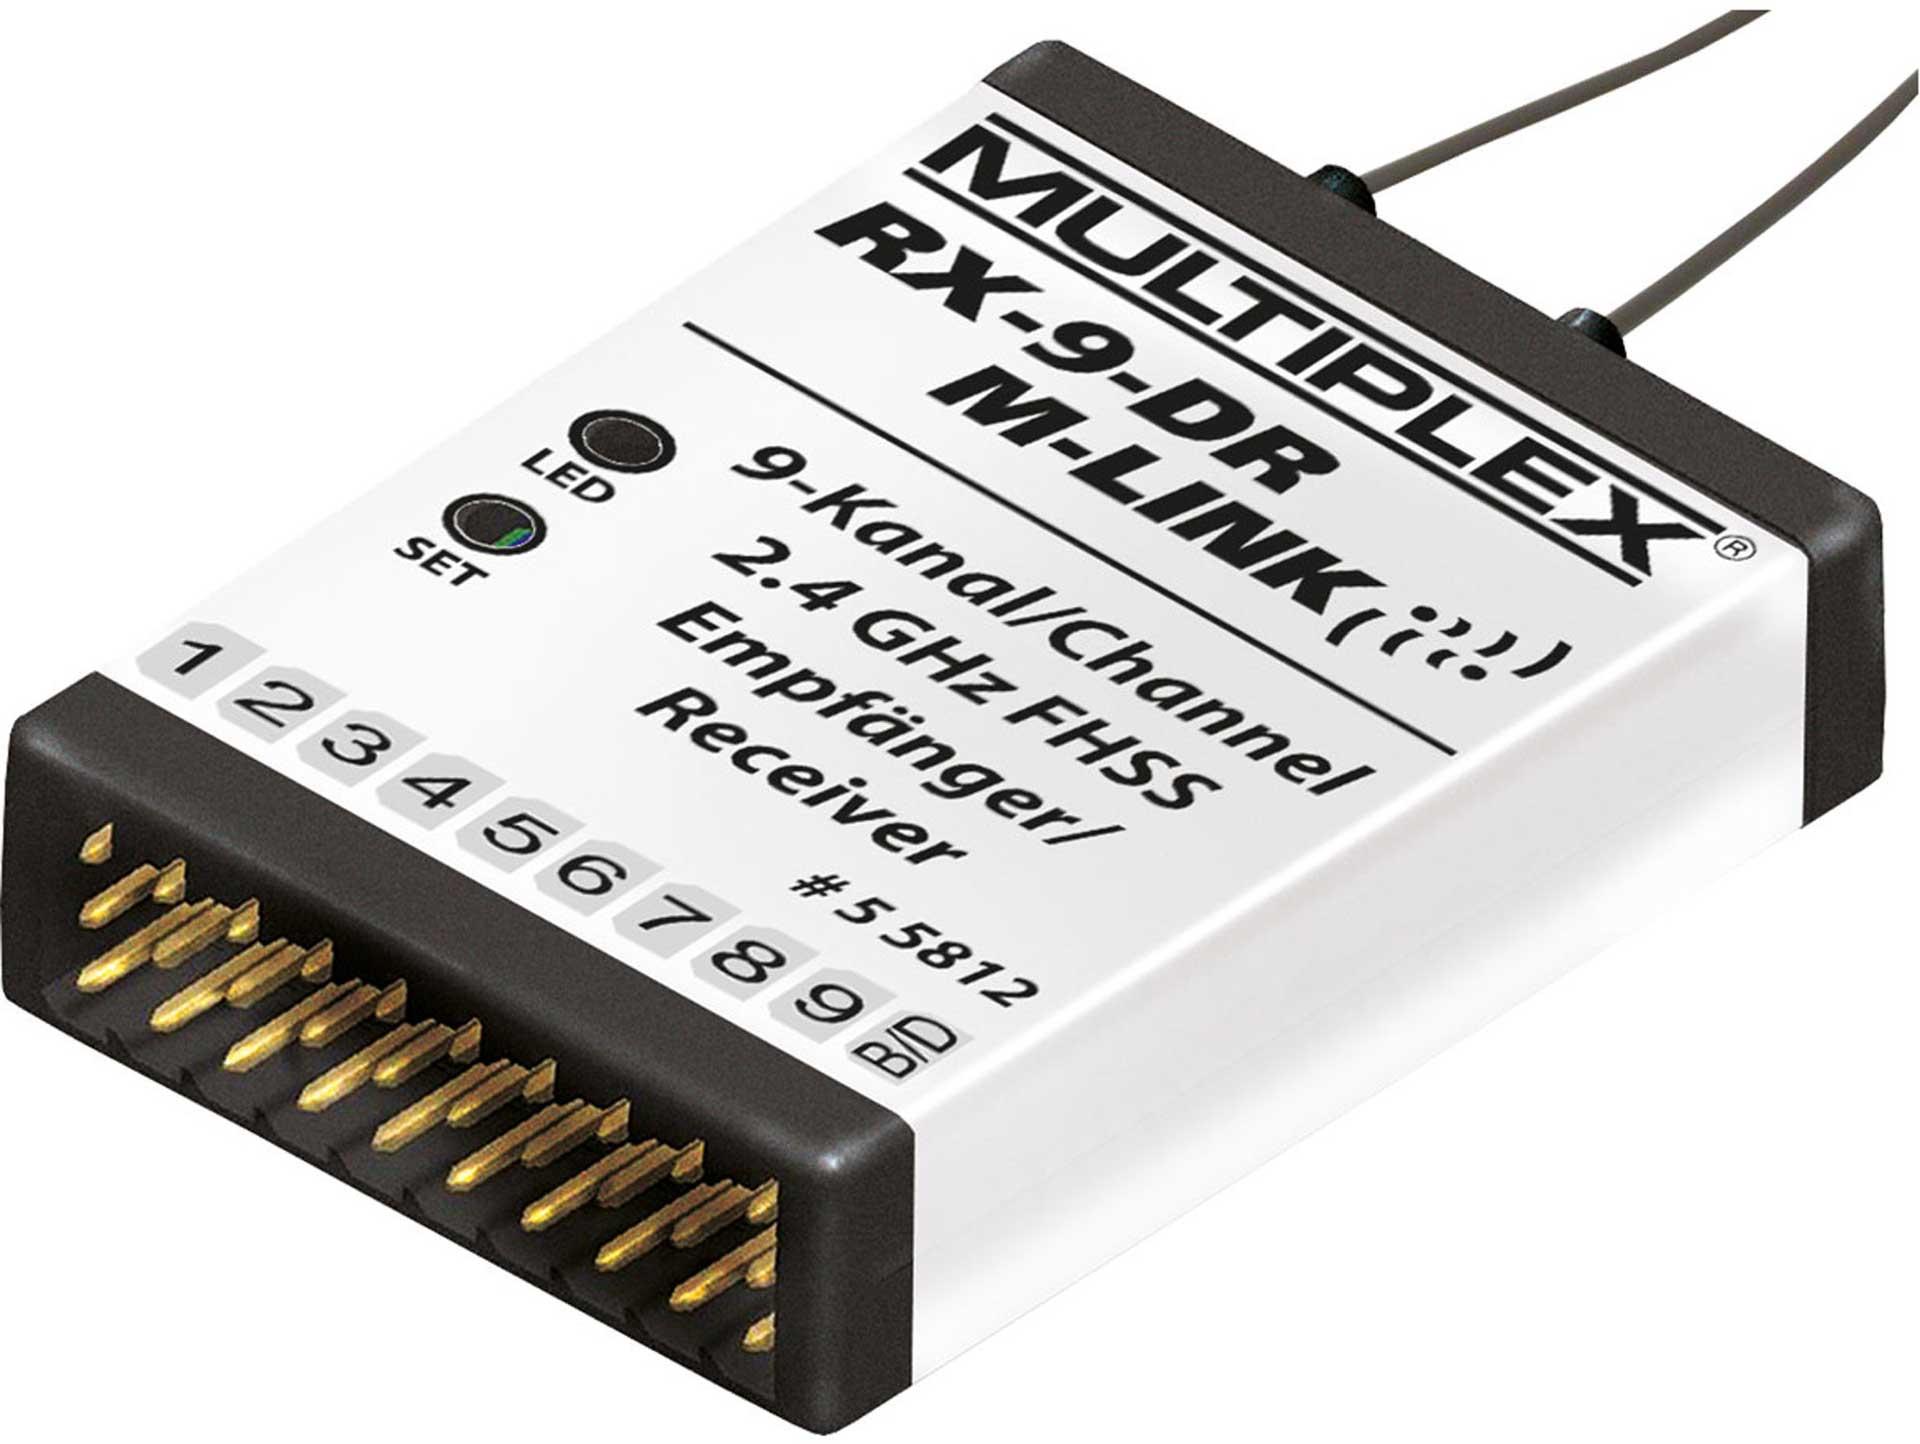 MULTIPLEX RX-9 DR 2.4GHZ M-LINK RECEIVER MPX